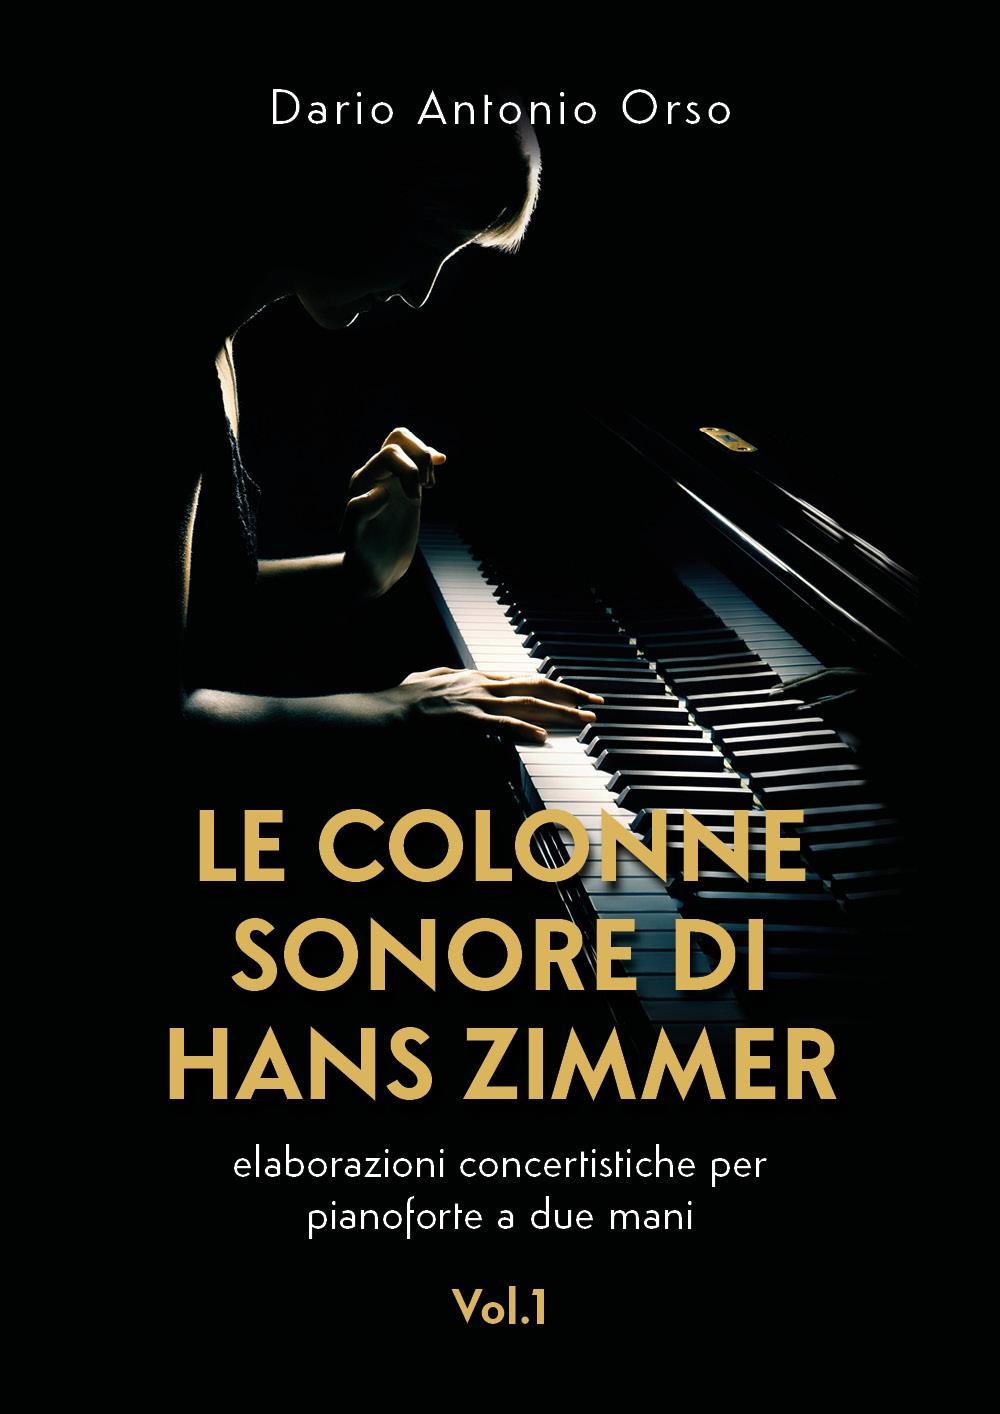 Le colonne sonore di Hans Zimmer (elaborazioni concertistiche per pianoforte a due mani) Vol. 1